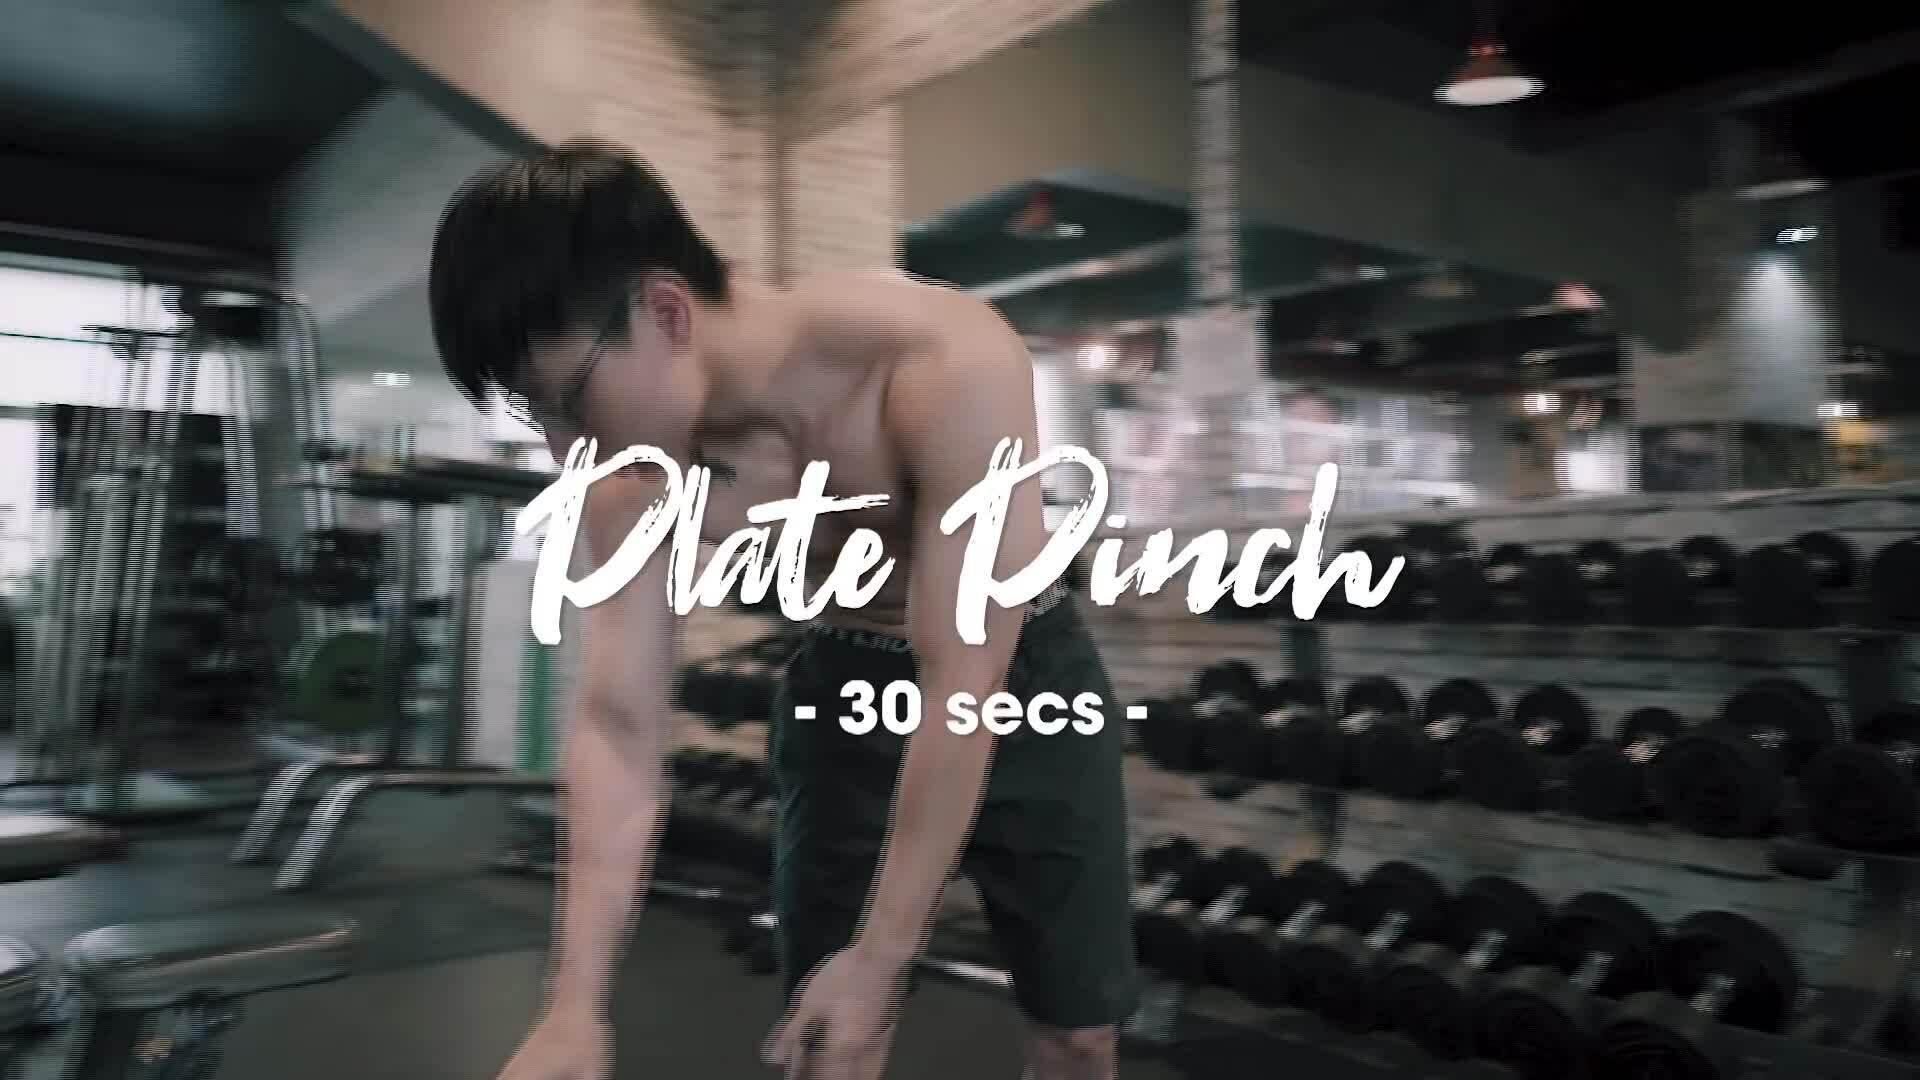 10 phút tập mỗi ngày giúp tăng thể lực đàn ông